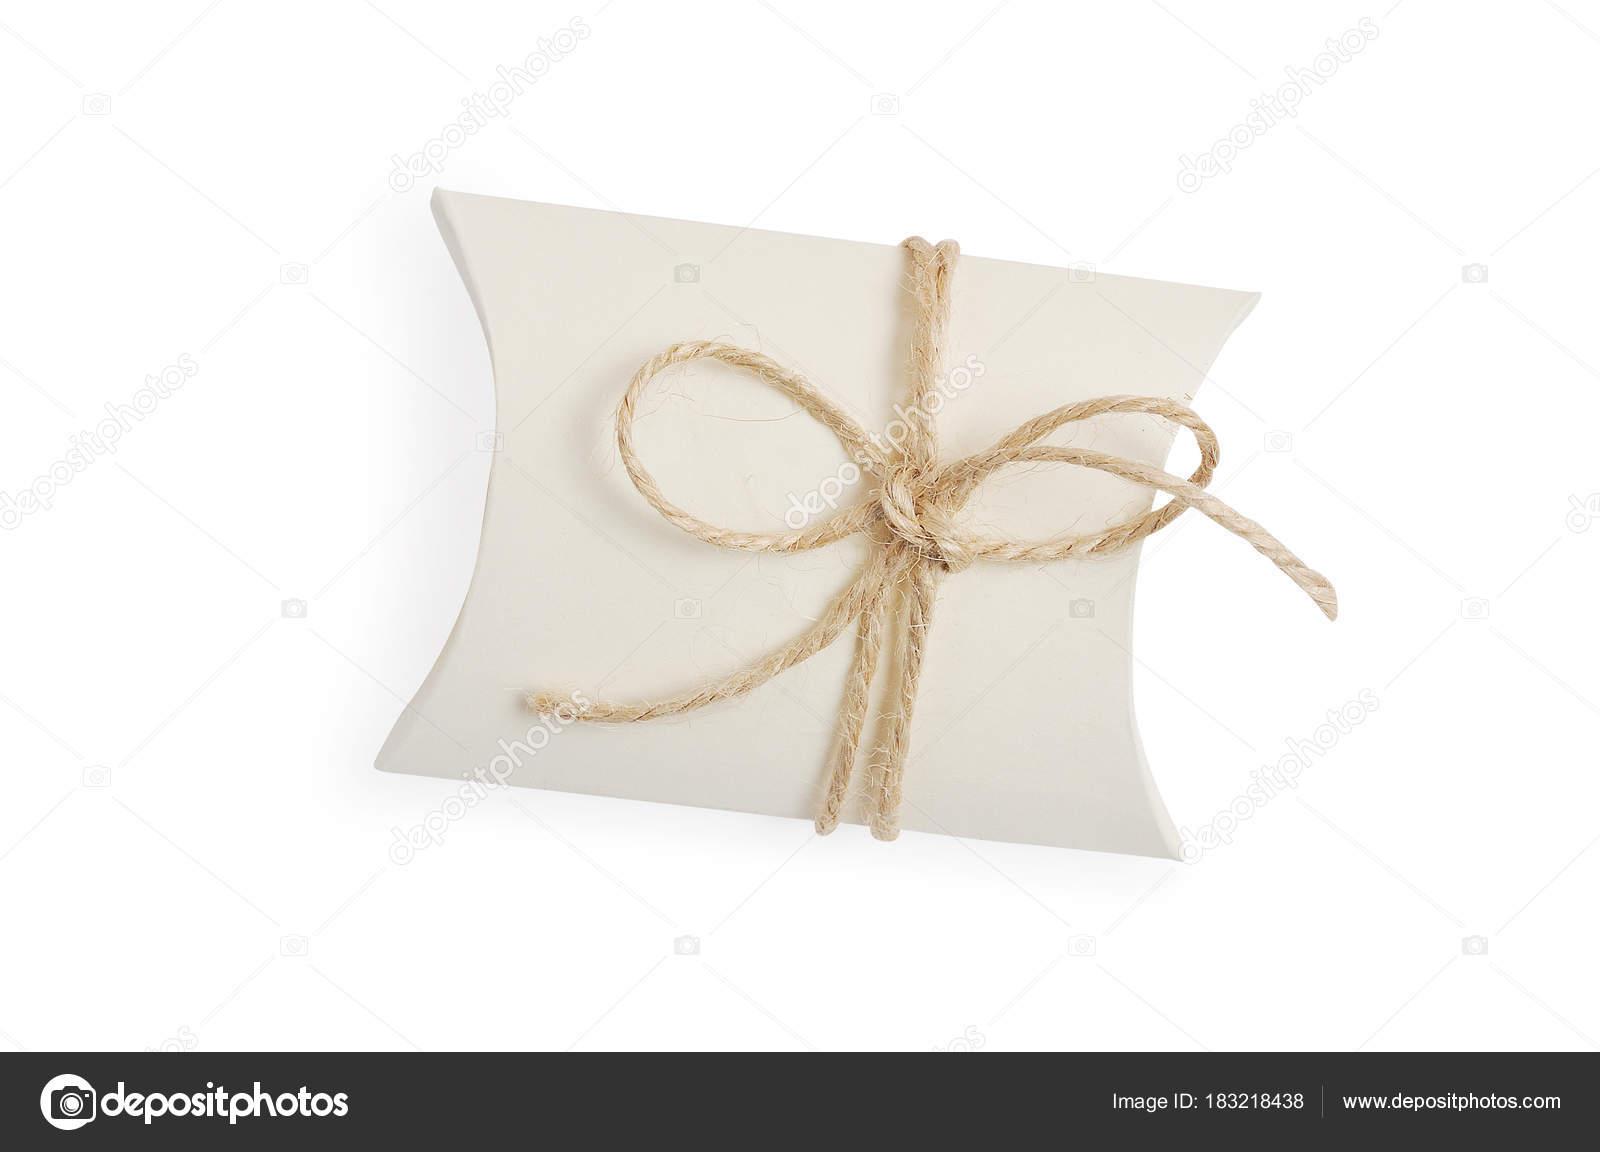 Bonbonniere Vintage Geschenkbox Mit Seil Bandbogen Isolierte